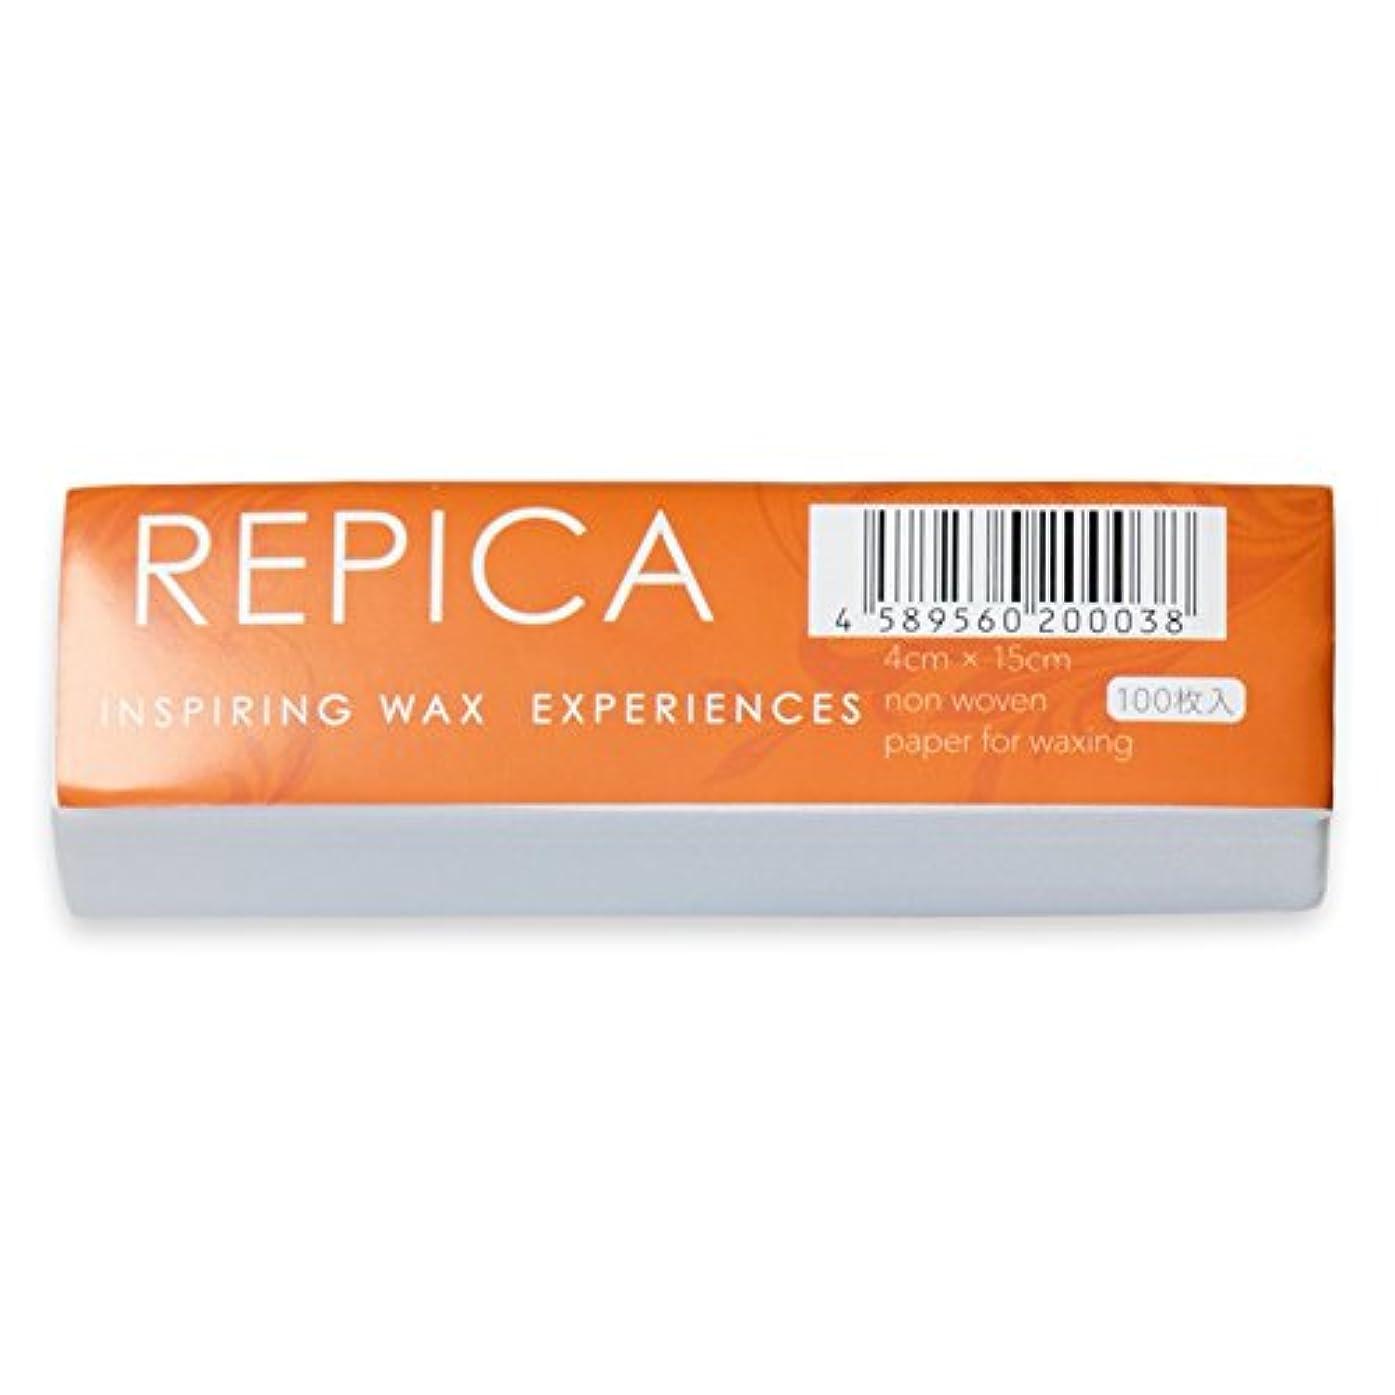 曲健康評判REPICA ブラジリアンワックス脱毛 カットペーパー Sサイズ100枚入り×1個 ワックス脱毛 ワックスシート ストリップシート